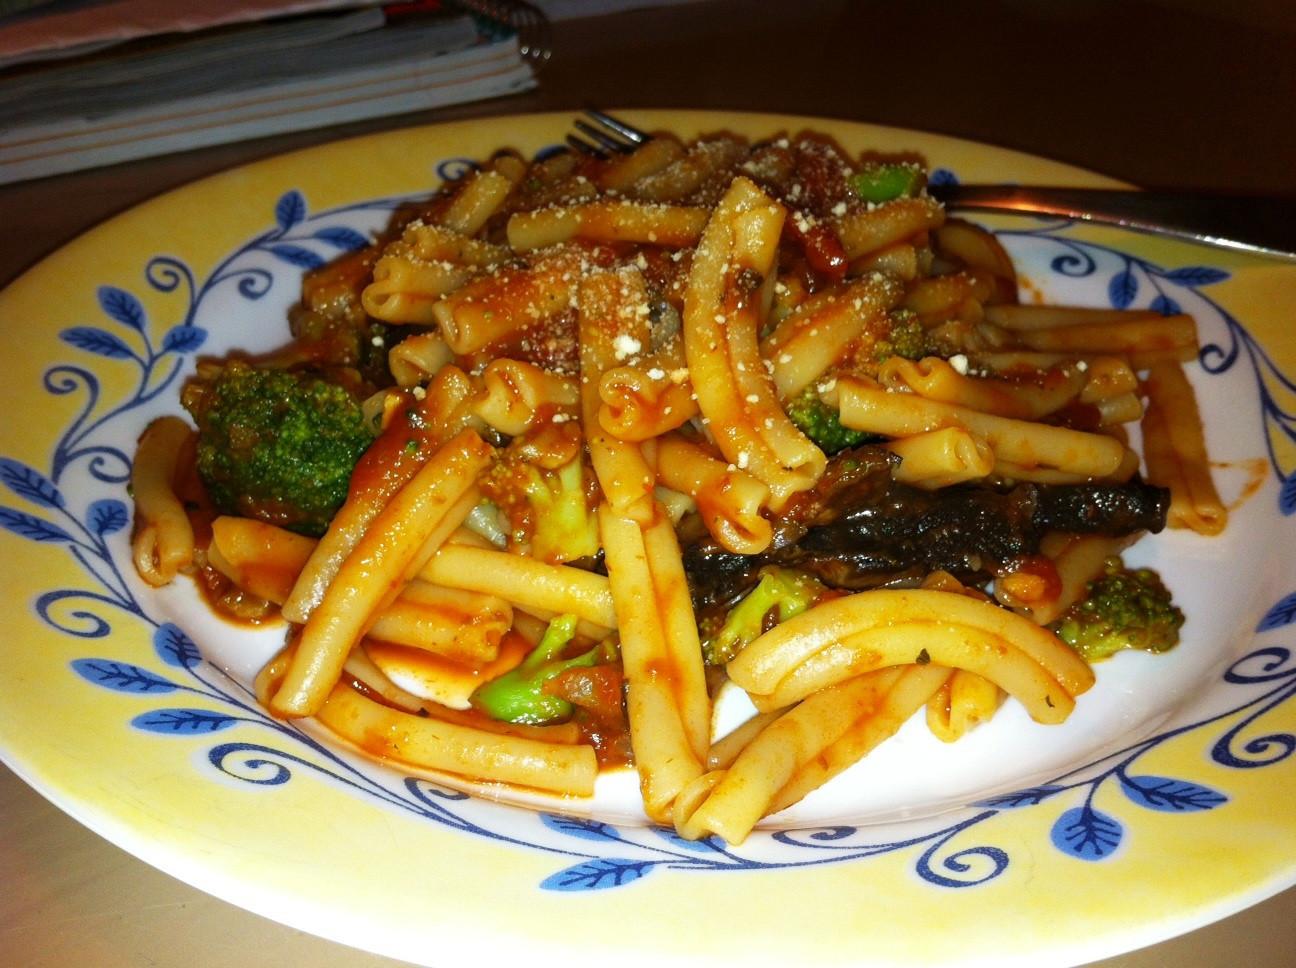 Easy Vegan Dinner  What's for Dinner 5 Easy & Quick Vegan Meal Ideas